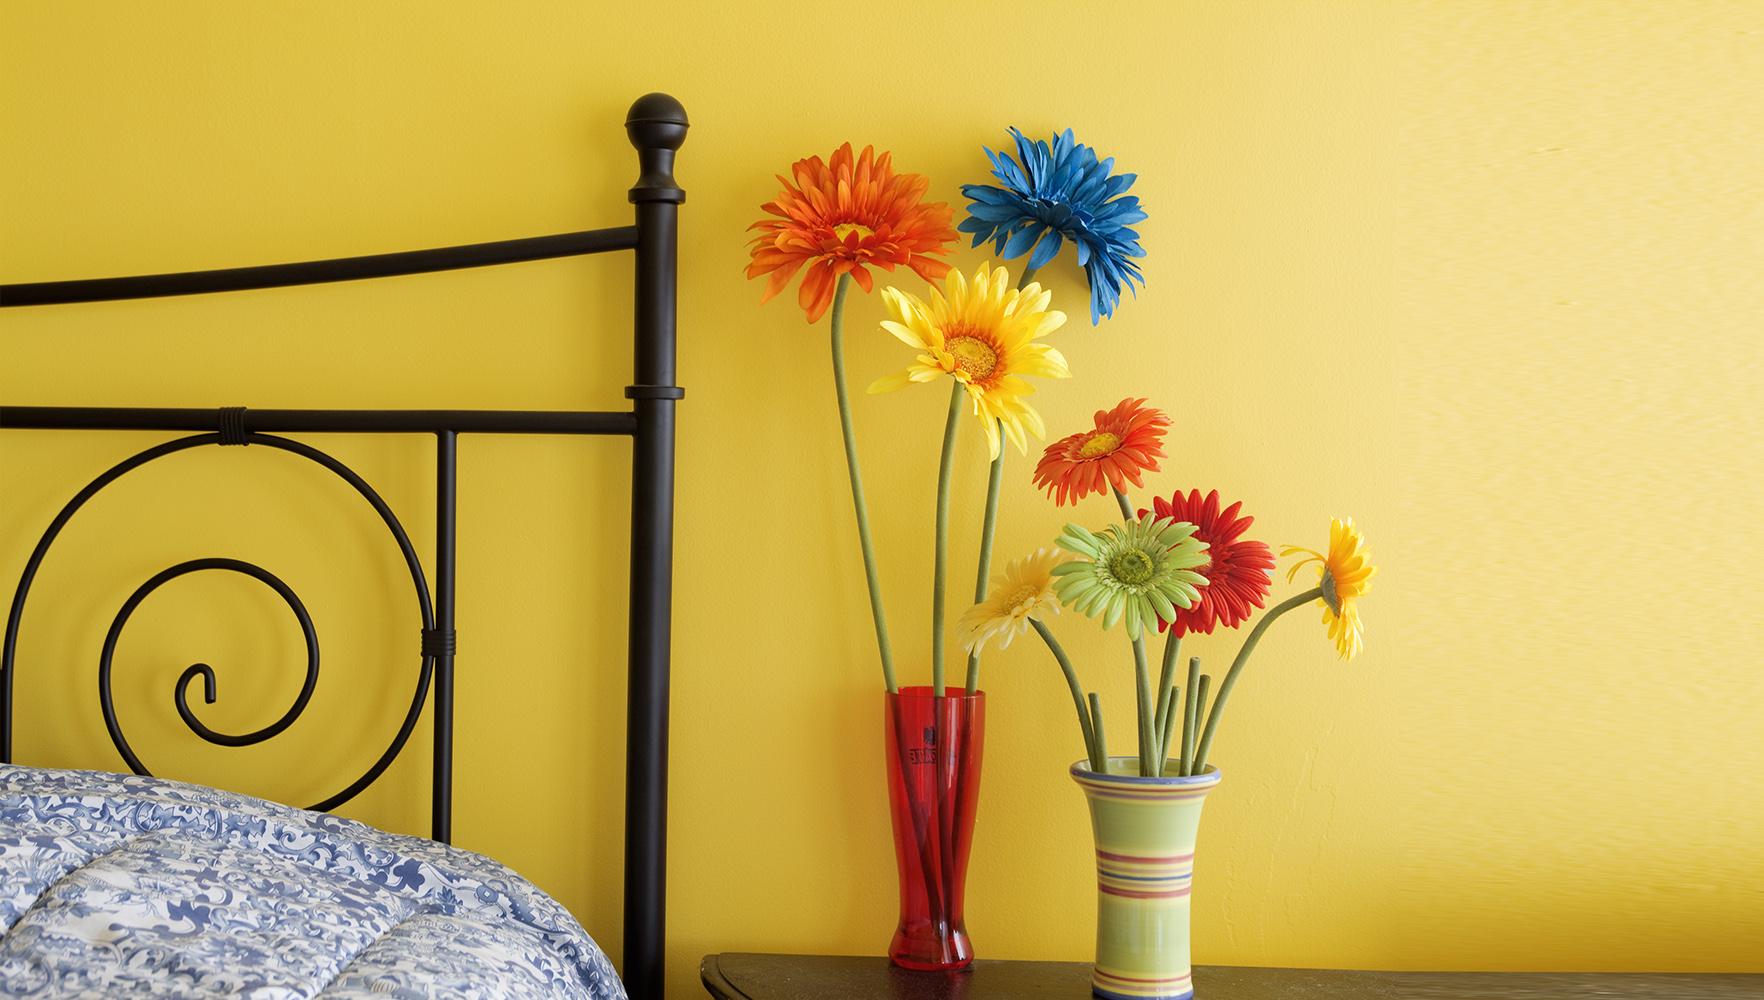 از تاثیر رنگ ها در فضای زندگی چه می دانید؟(2)